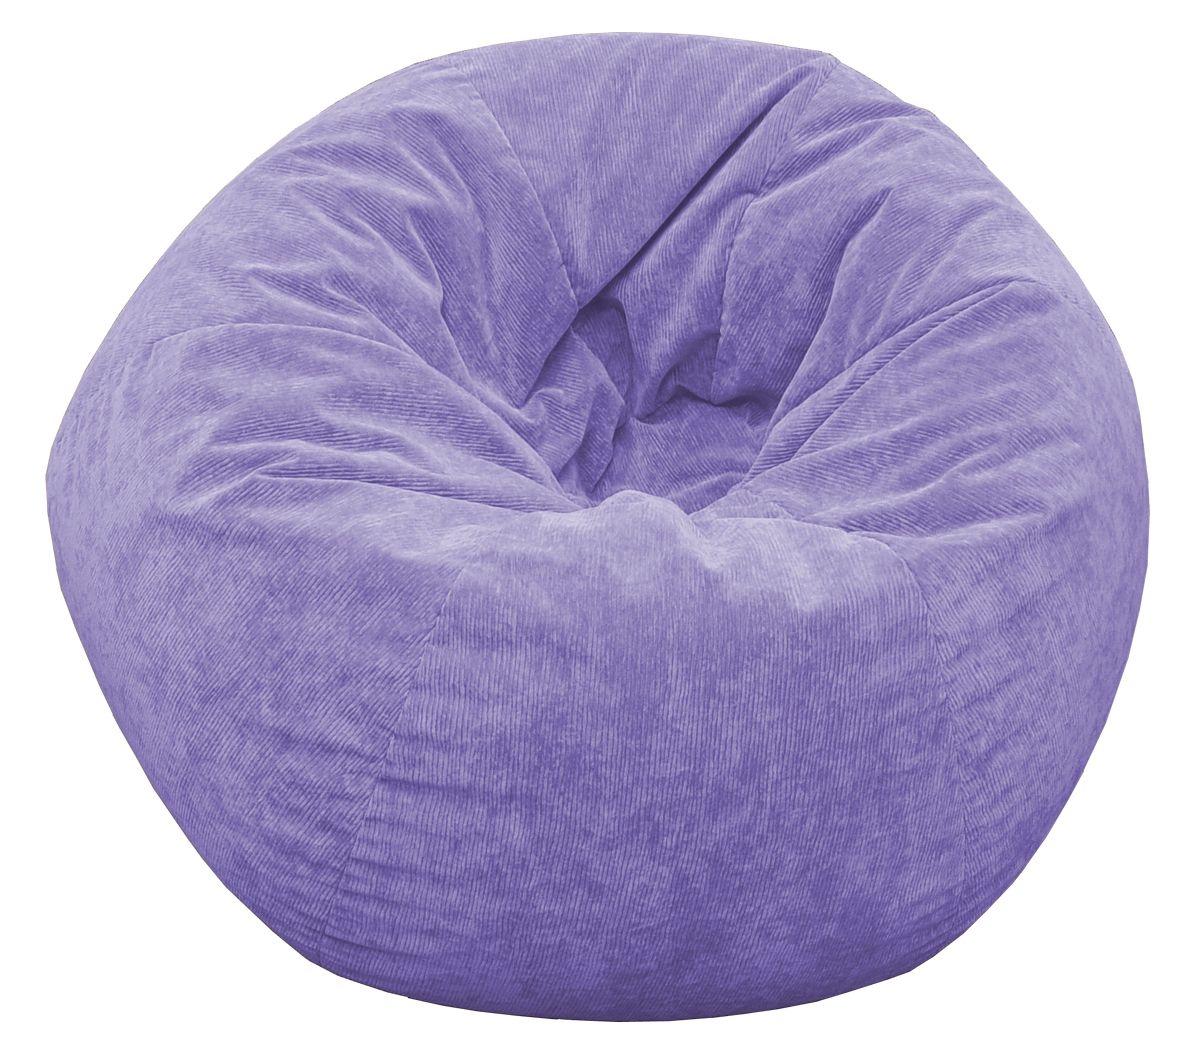 Jumbo Corduroy Bean Bag Chair Color: Lilac